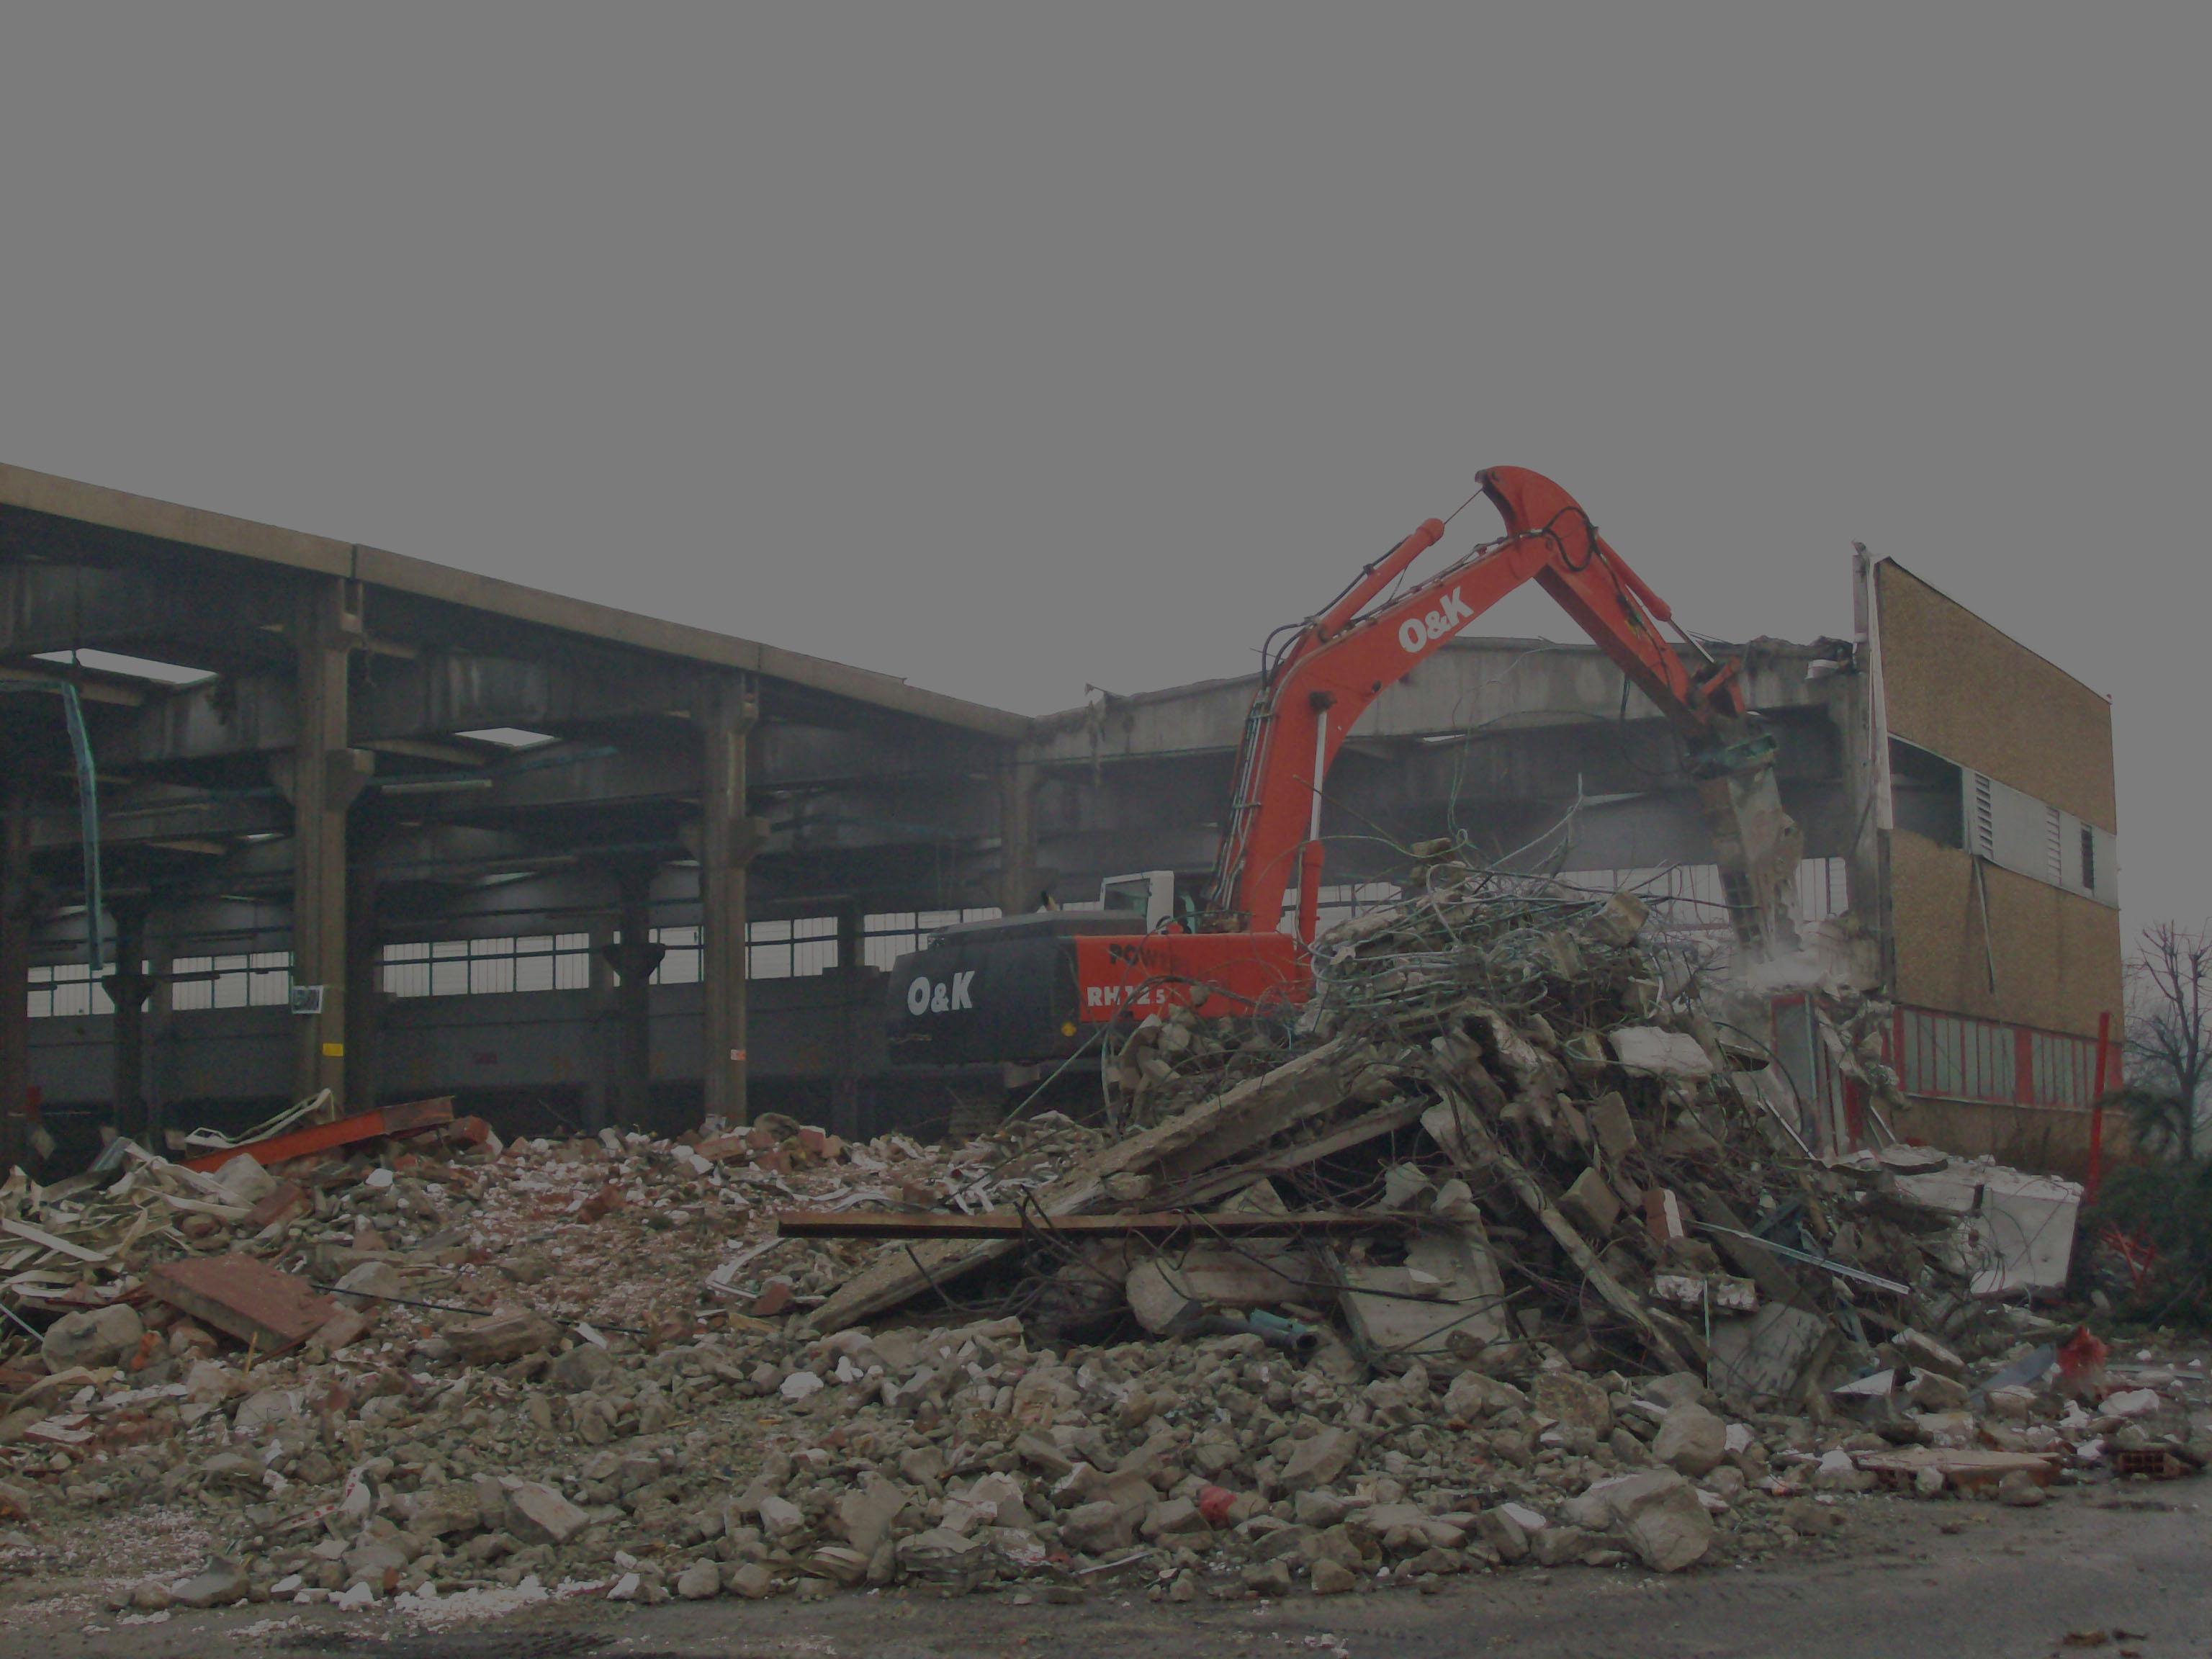 specializzati in sottomurazioni edilizia fontana sottomurazioni e scavi armati edilizia fontana sottomurazioni 09